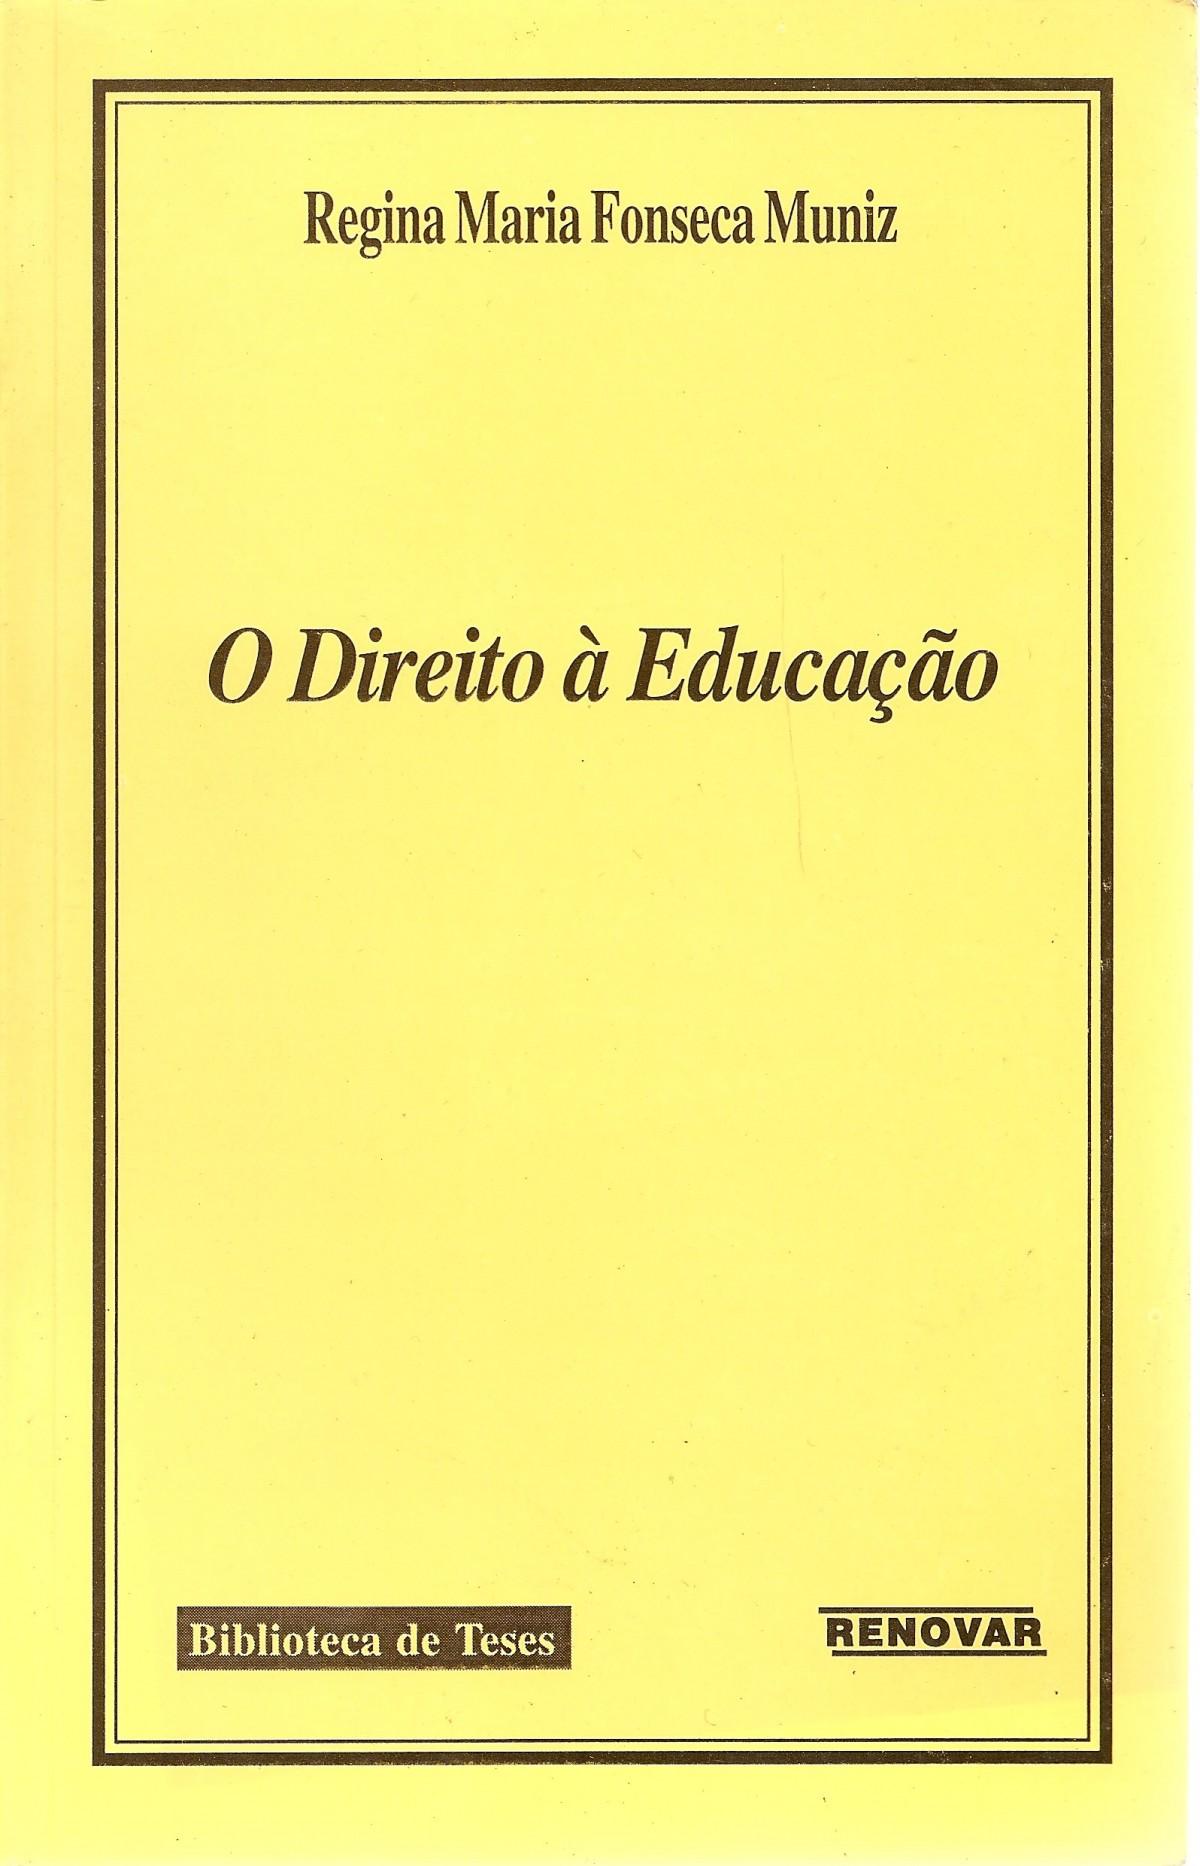 Foto 1 - O Direito à Educação